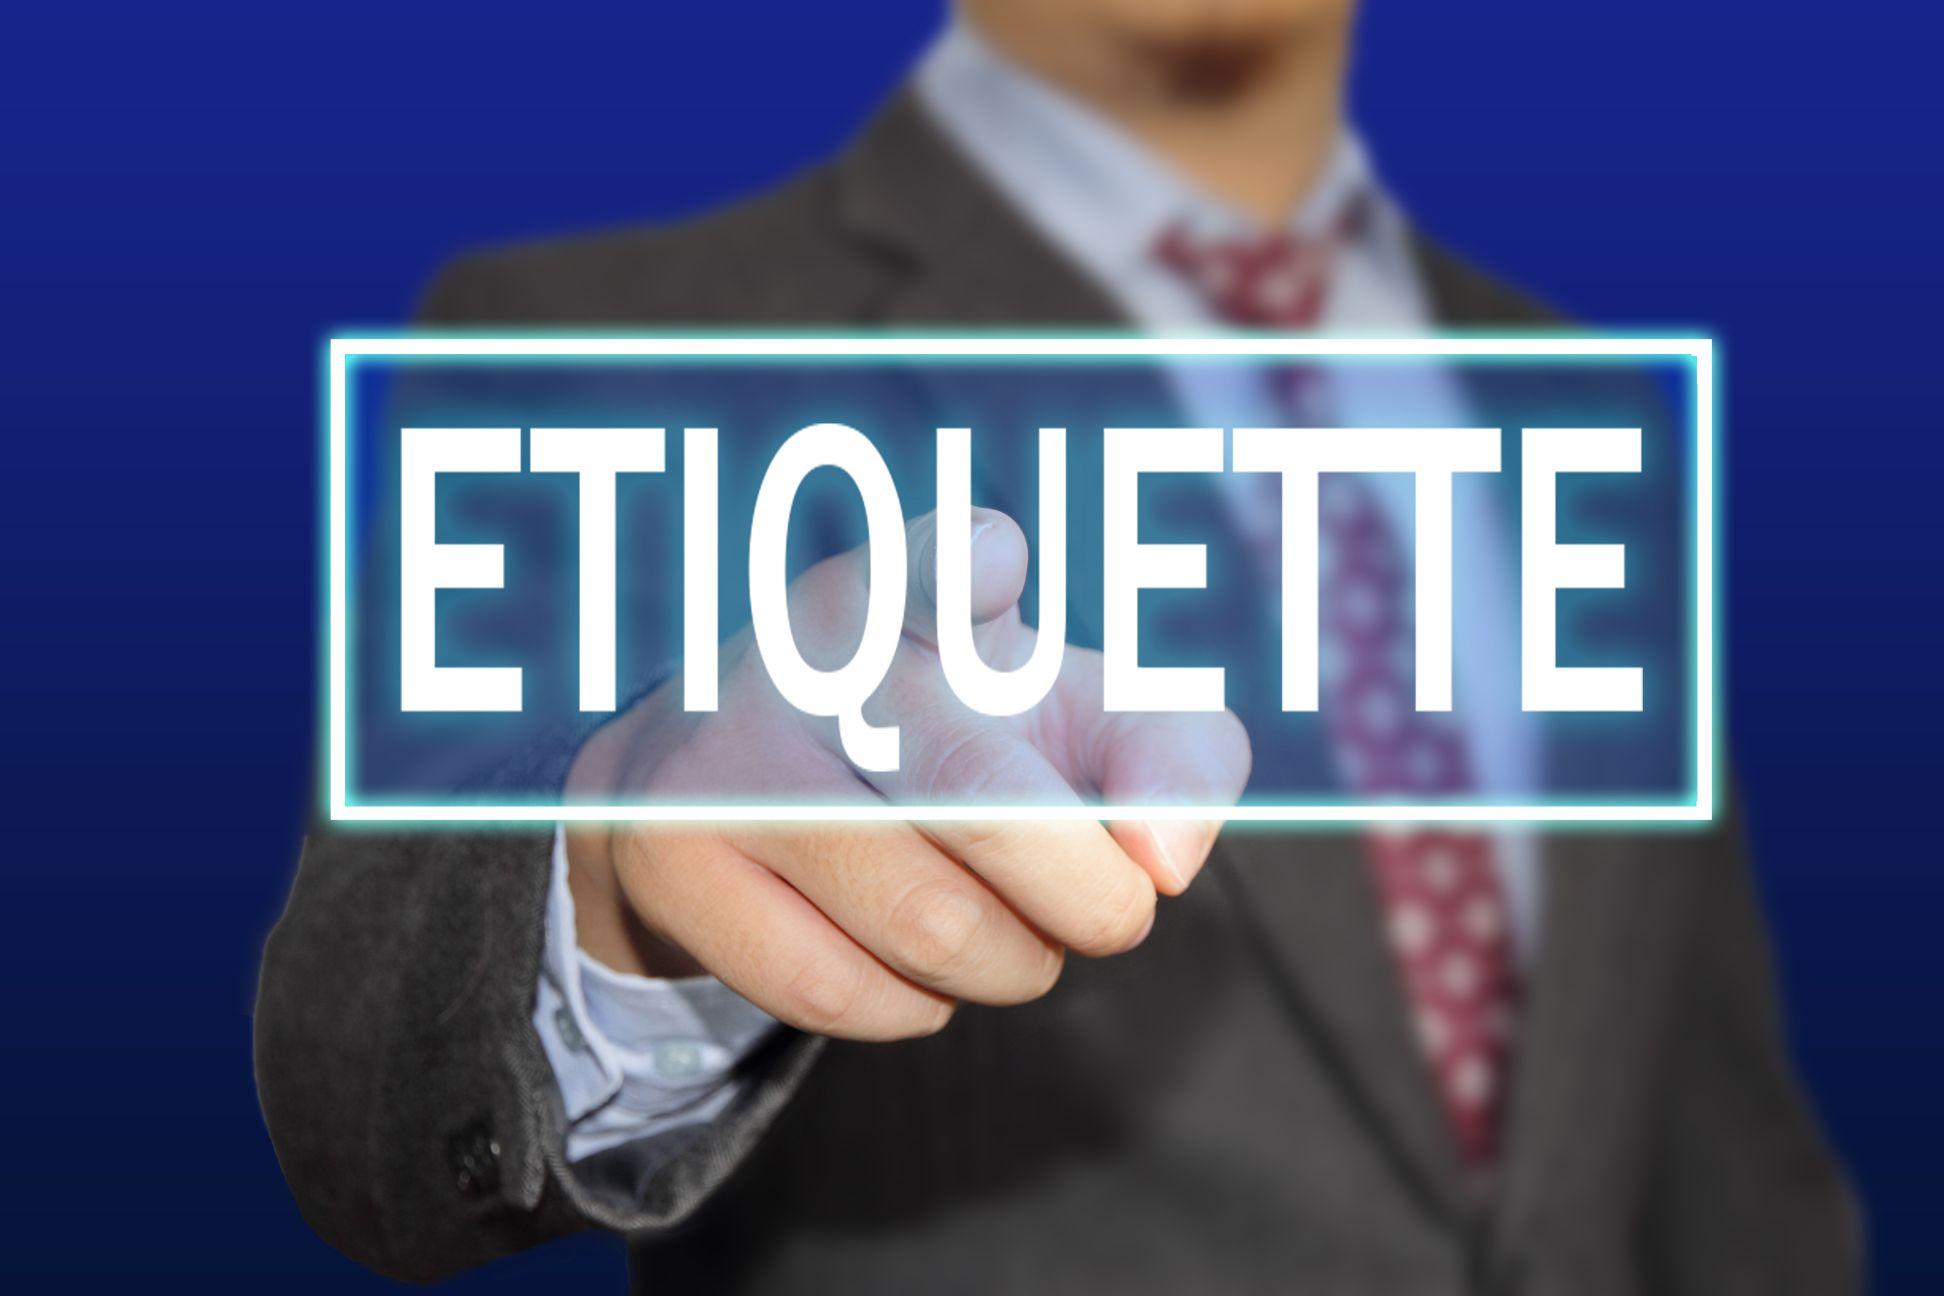 Etiquette School